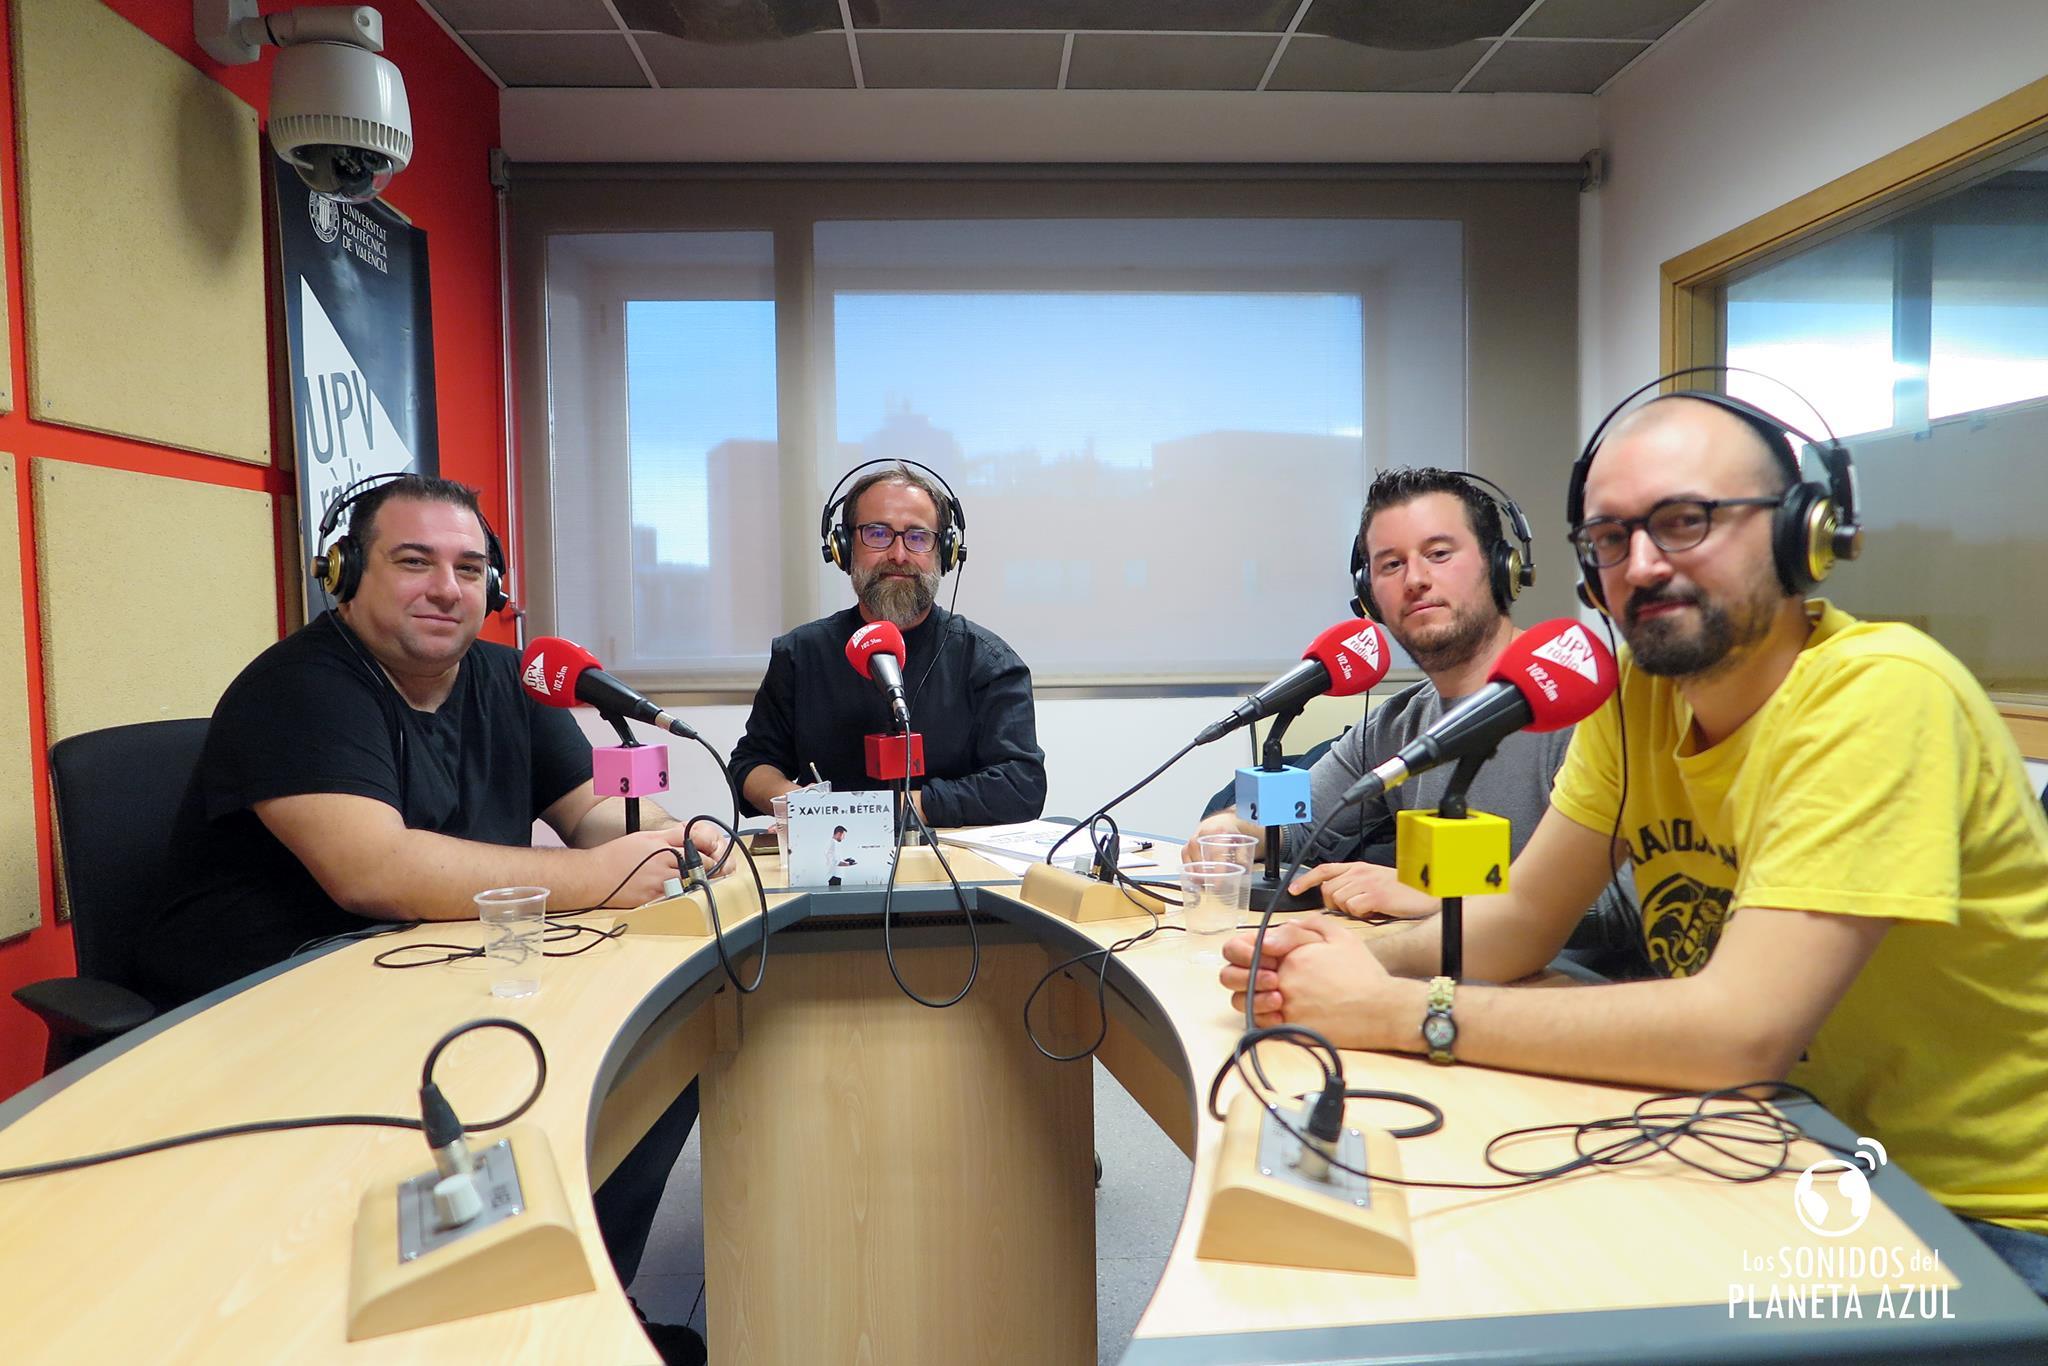 En los estudios de UPV Ràdio, Campus de Vera en València